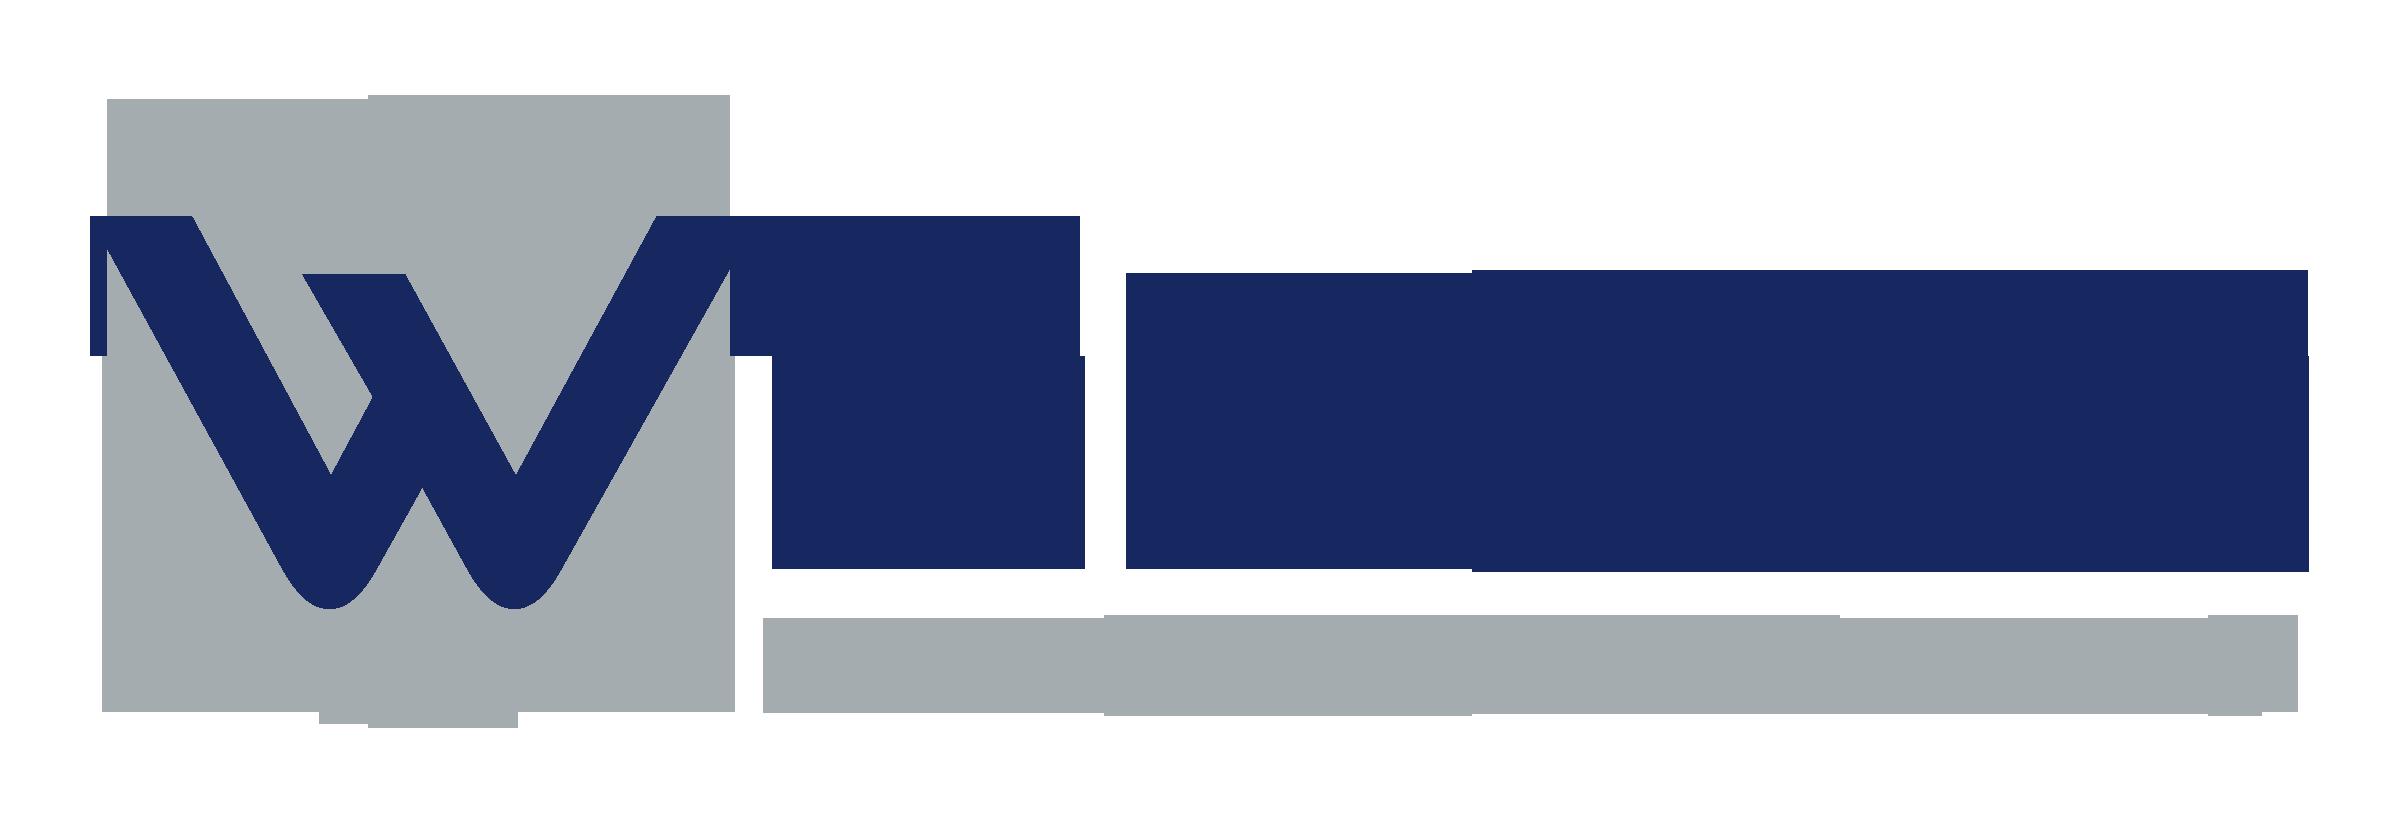 WEBCO-RGB-23-40-96